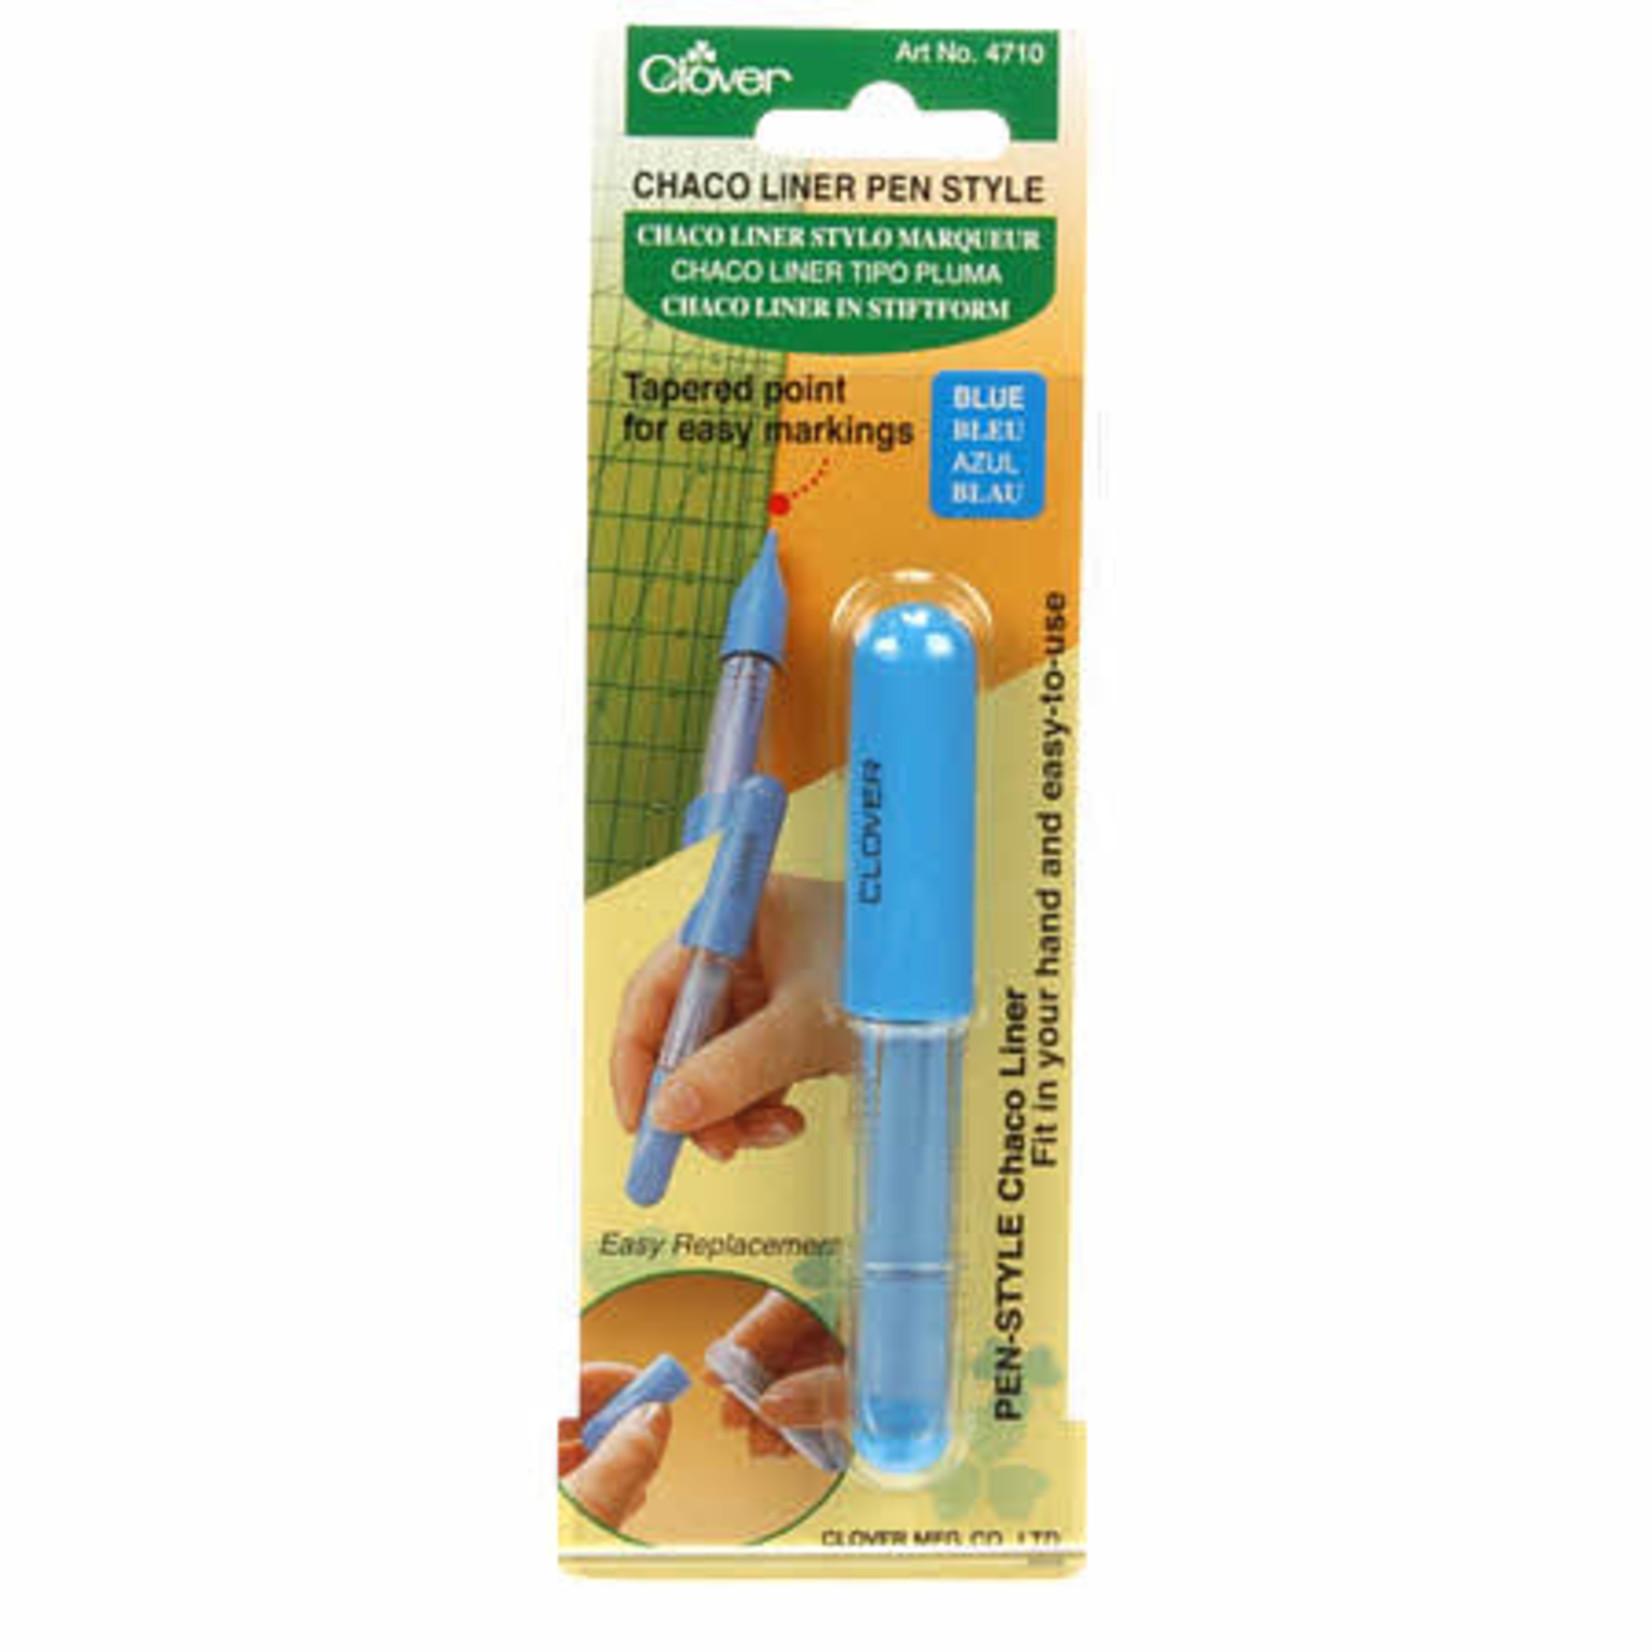 Clover Markeerpen - 4710 - Chaco liner pen style - Krijt - Blauw